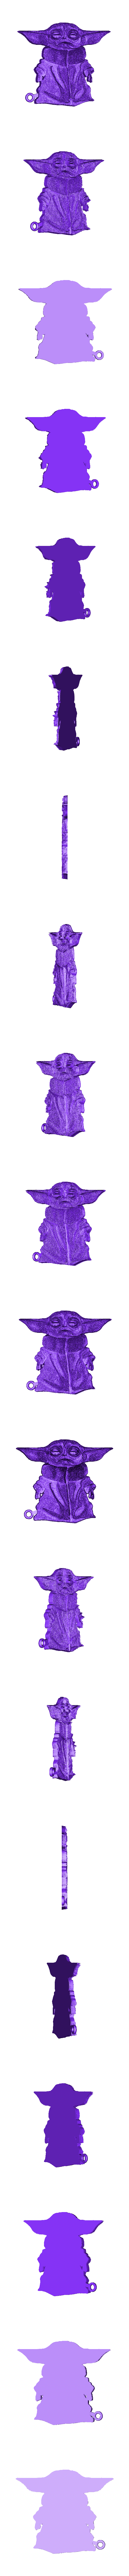 babi_lito.stl Télécharger fichier STL Llavero Baby Yoda • Modèle pour impression 3D, 3dlito